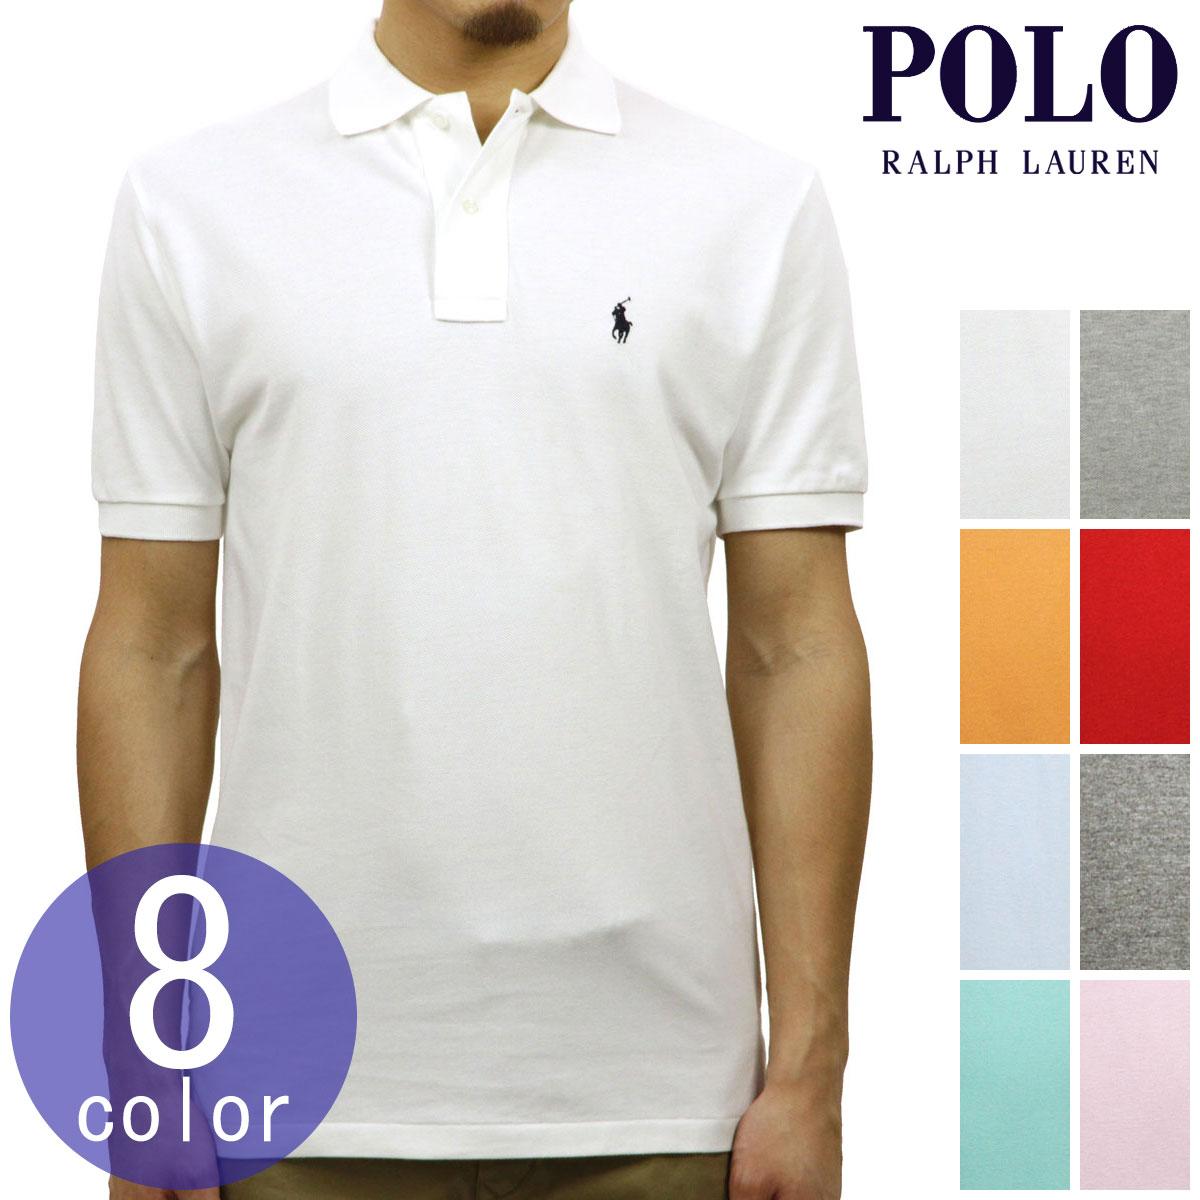 ポロ ラルフローレン POLO RALPH LAUREN 正規品 メンズ ビッグポニー カスタムフィット 半袖ポロシャツ CUSTOM SLIM COTTON MESH POLO